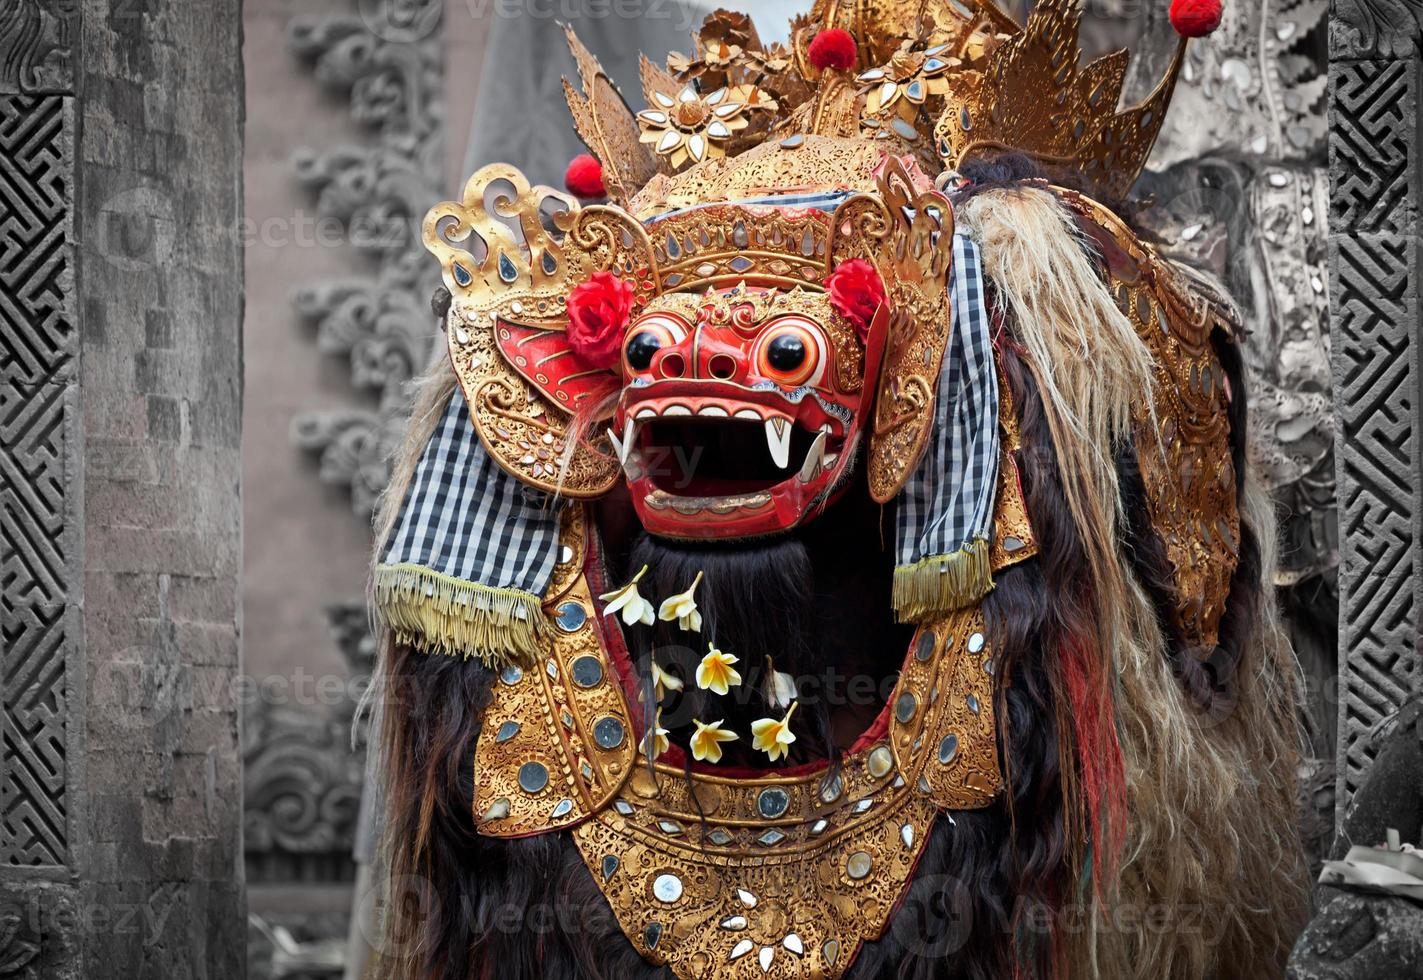 barong - karakter in de mythologie van Bali, Indonesië. foto